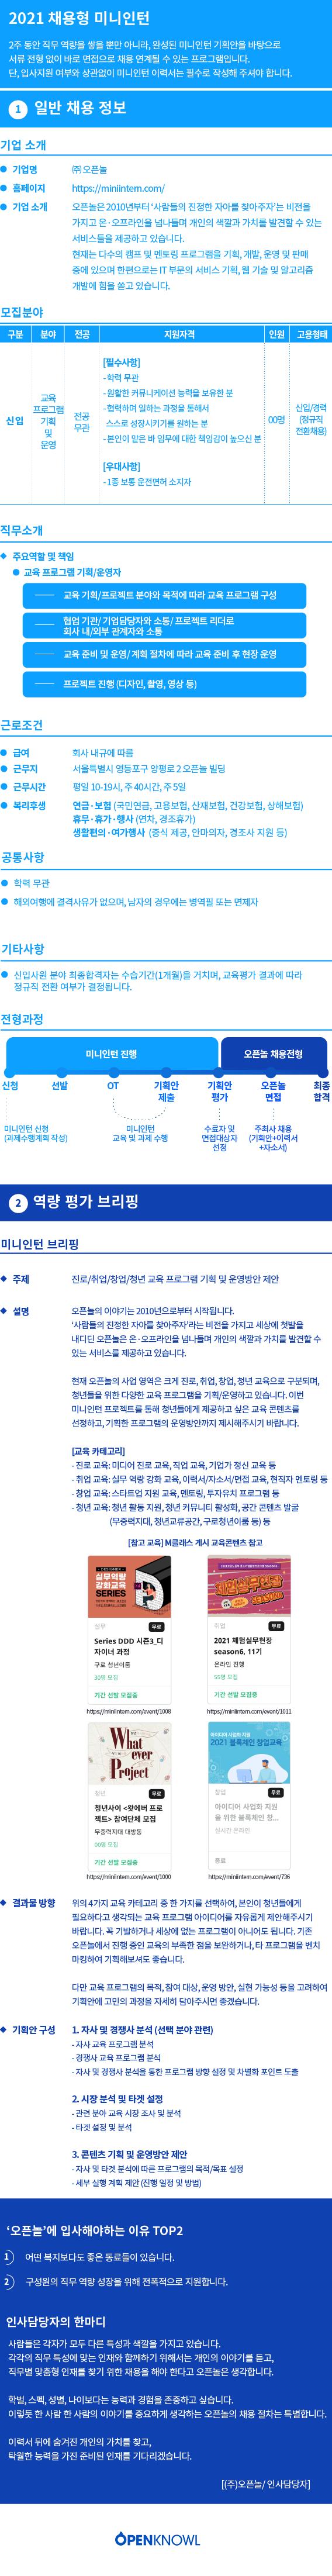 랜딩페이지_미니인턴(수정).png